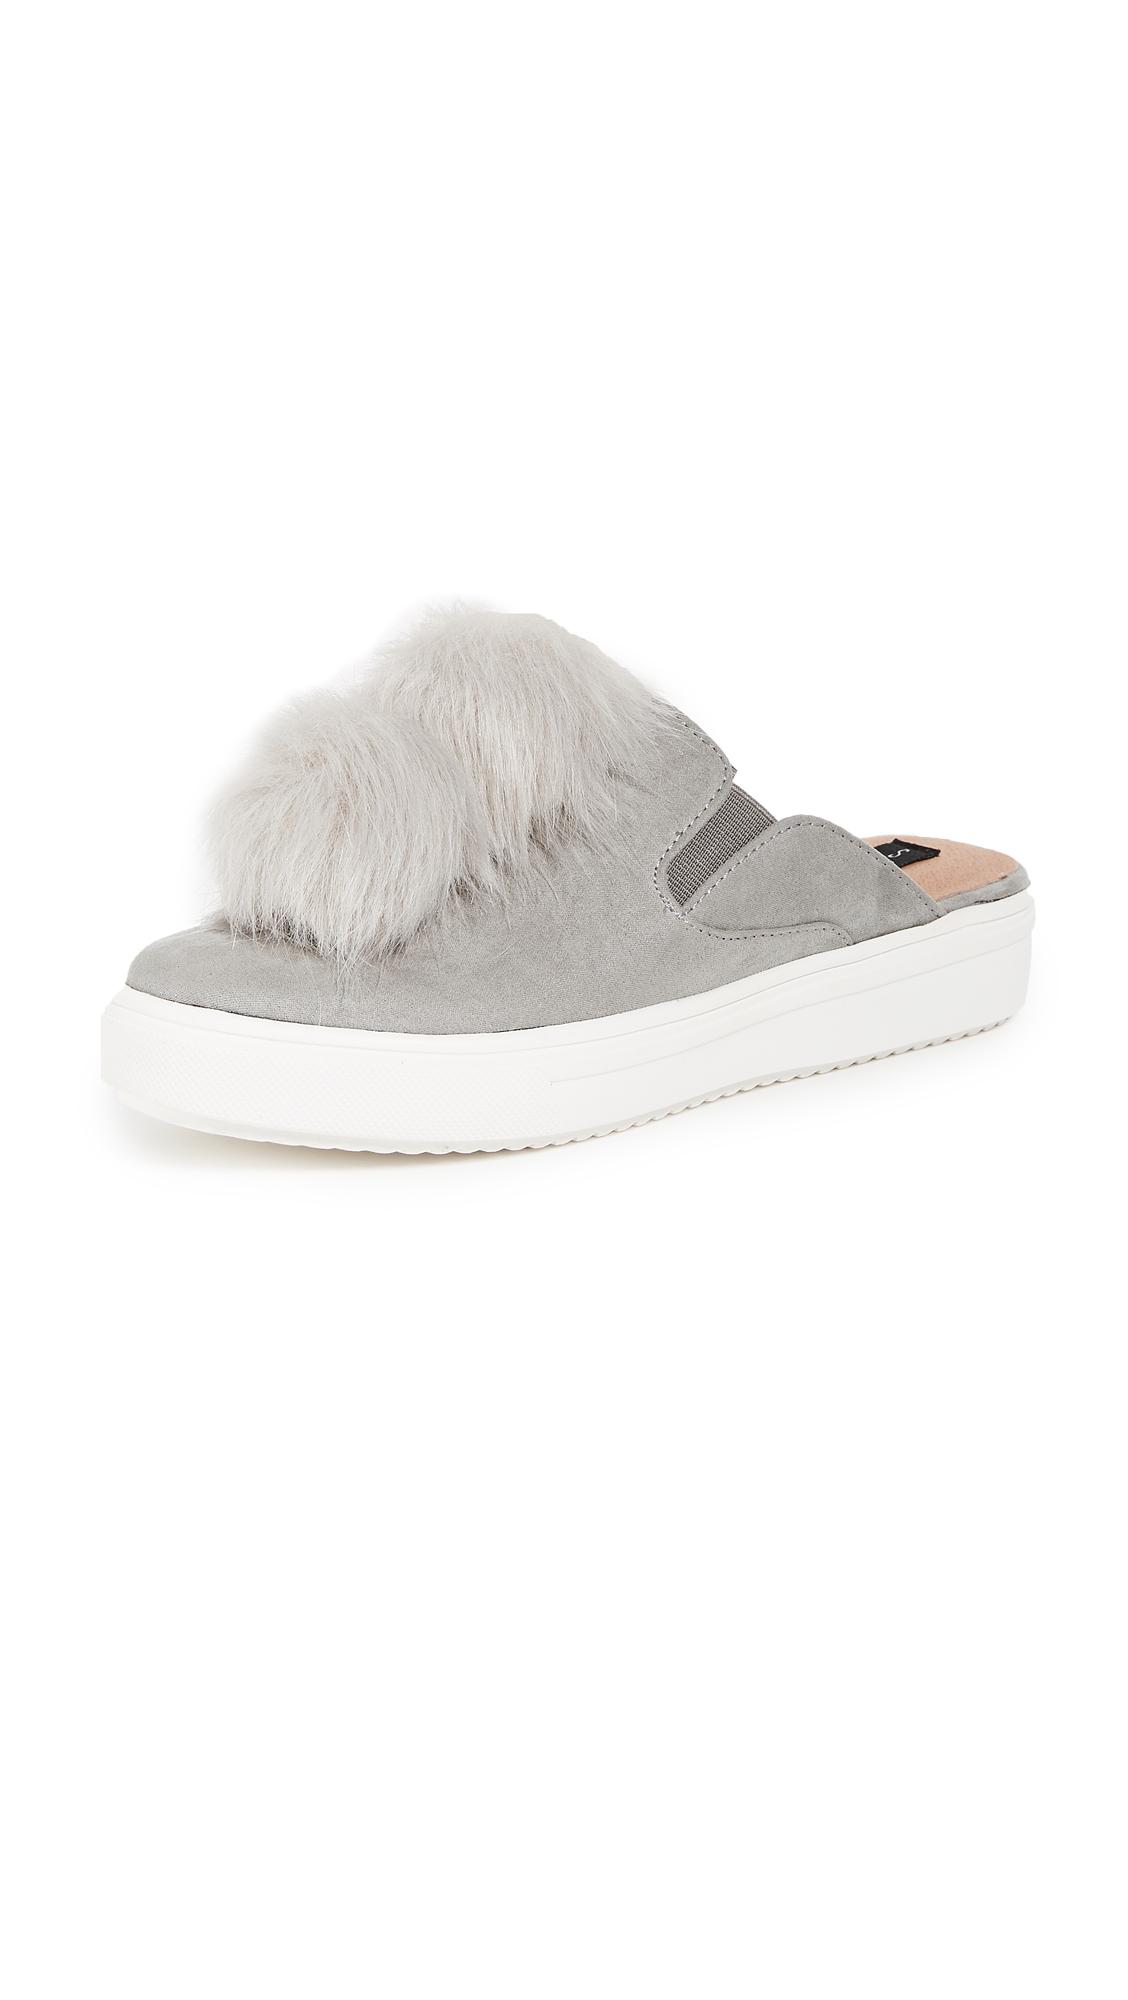 Steven Laguna Mule Sneakers - Grey